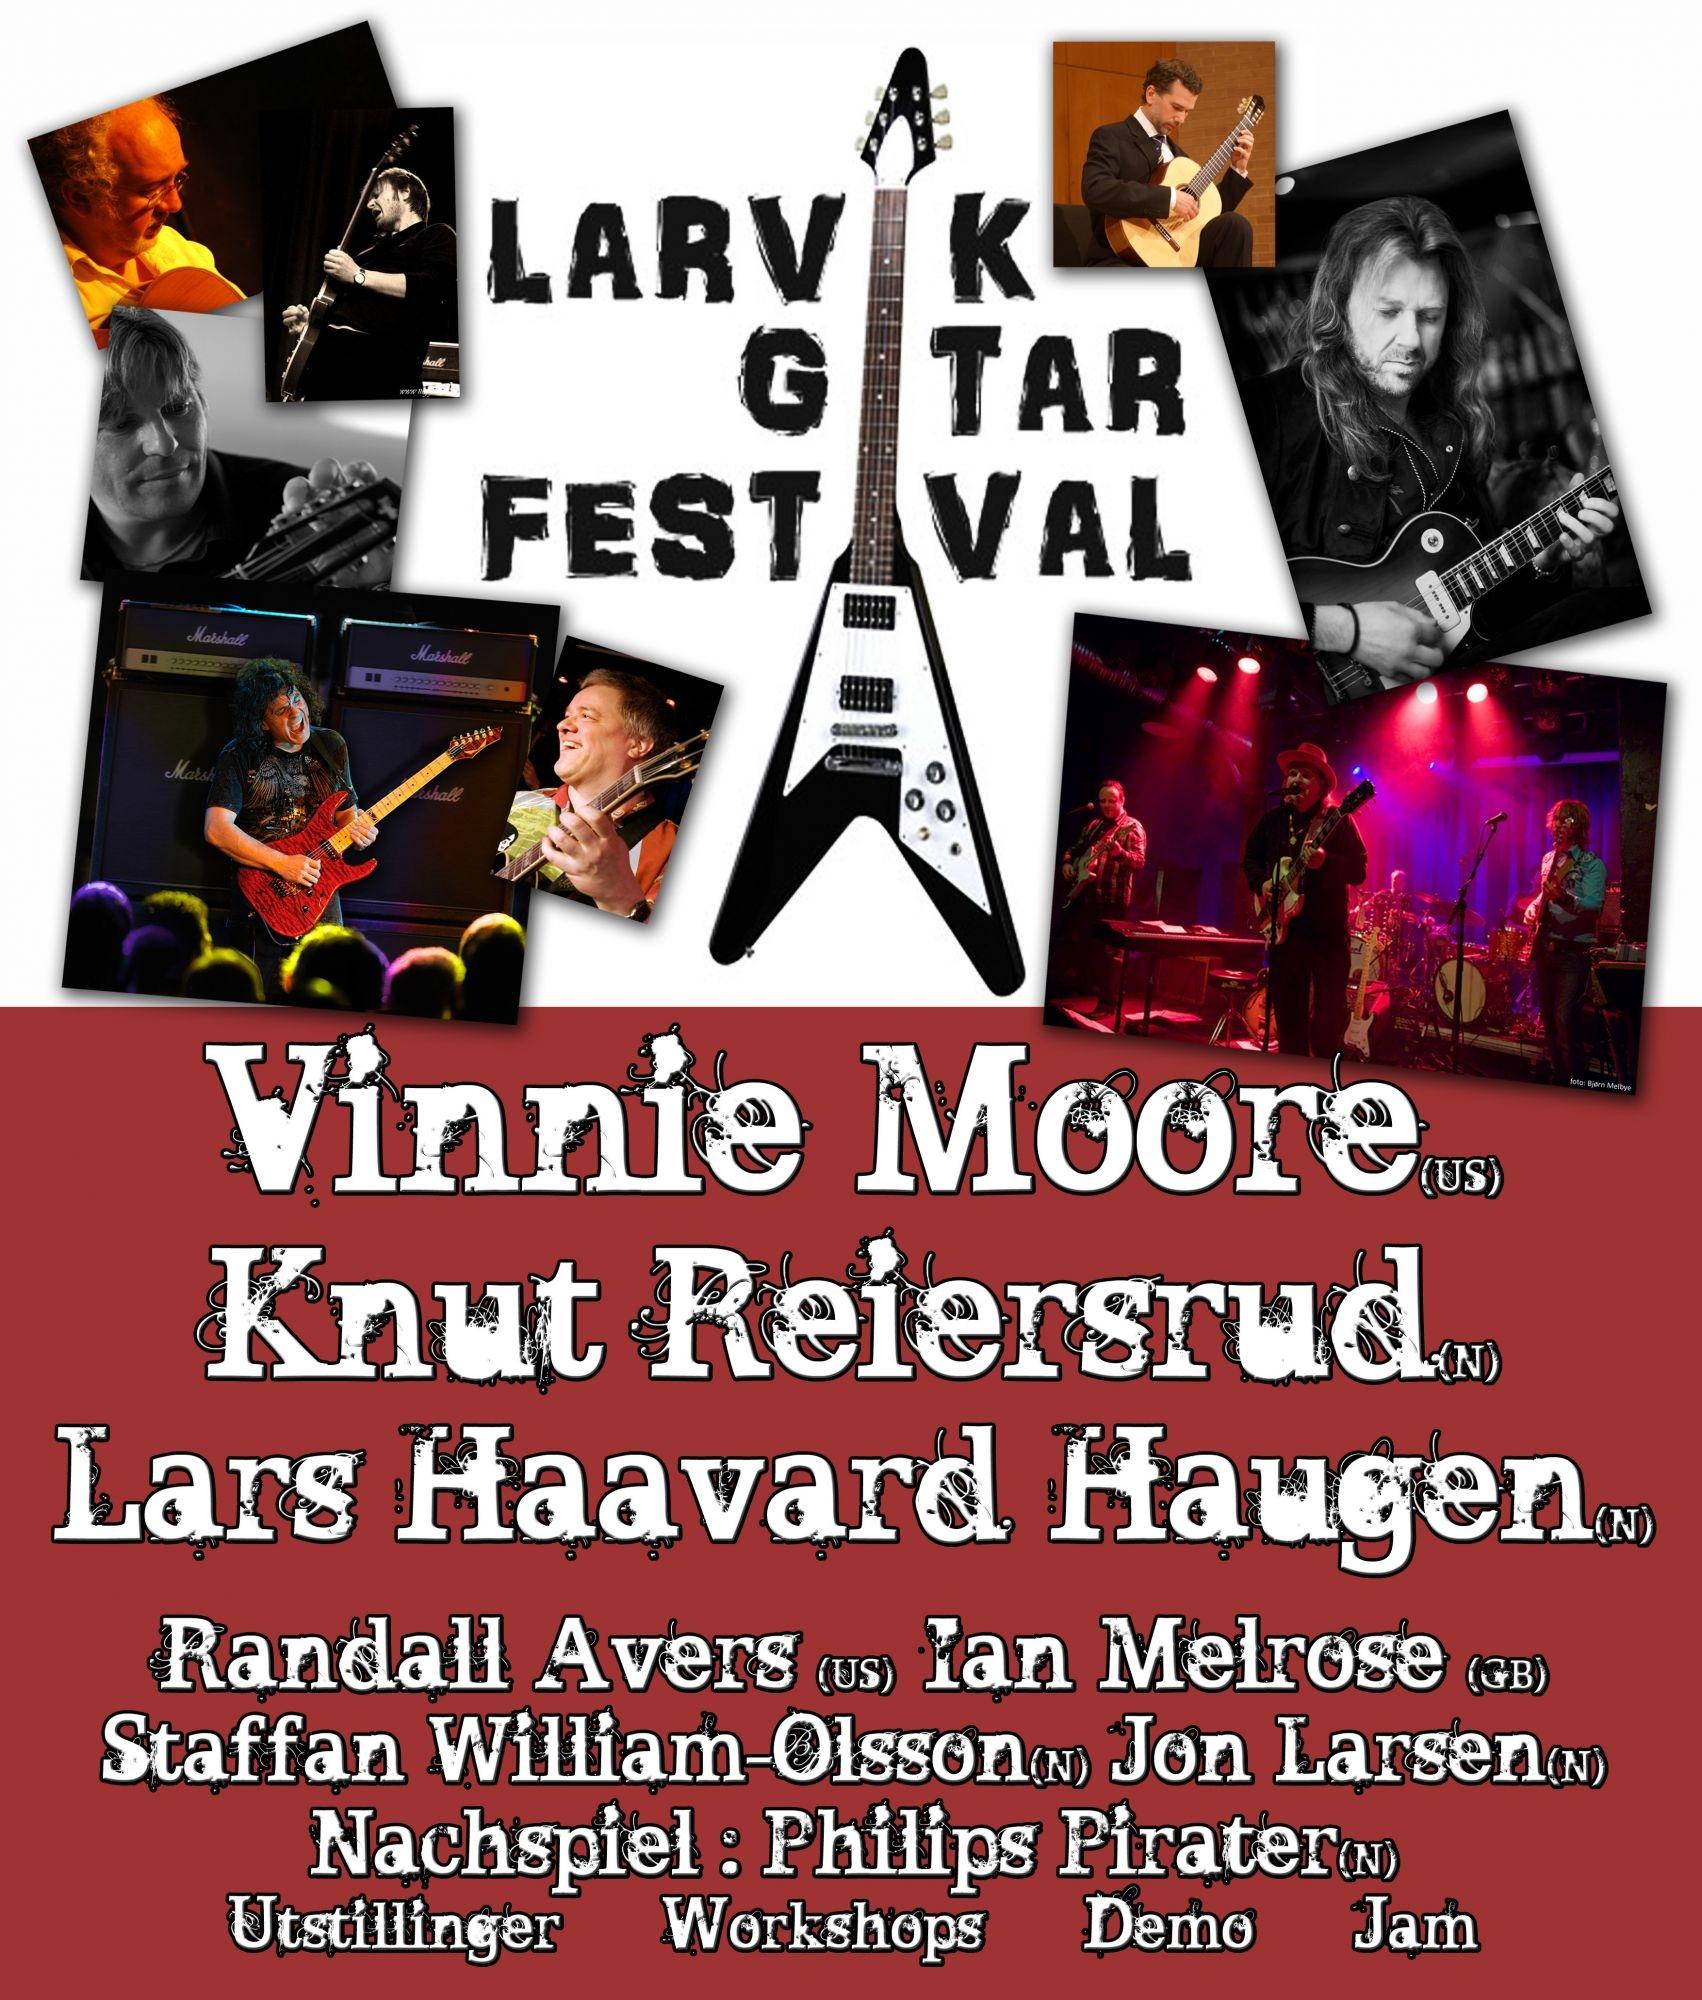 Larvik Gitarfestival 2012